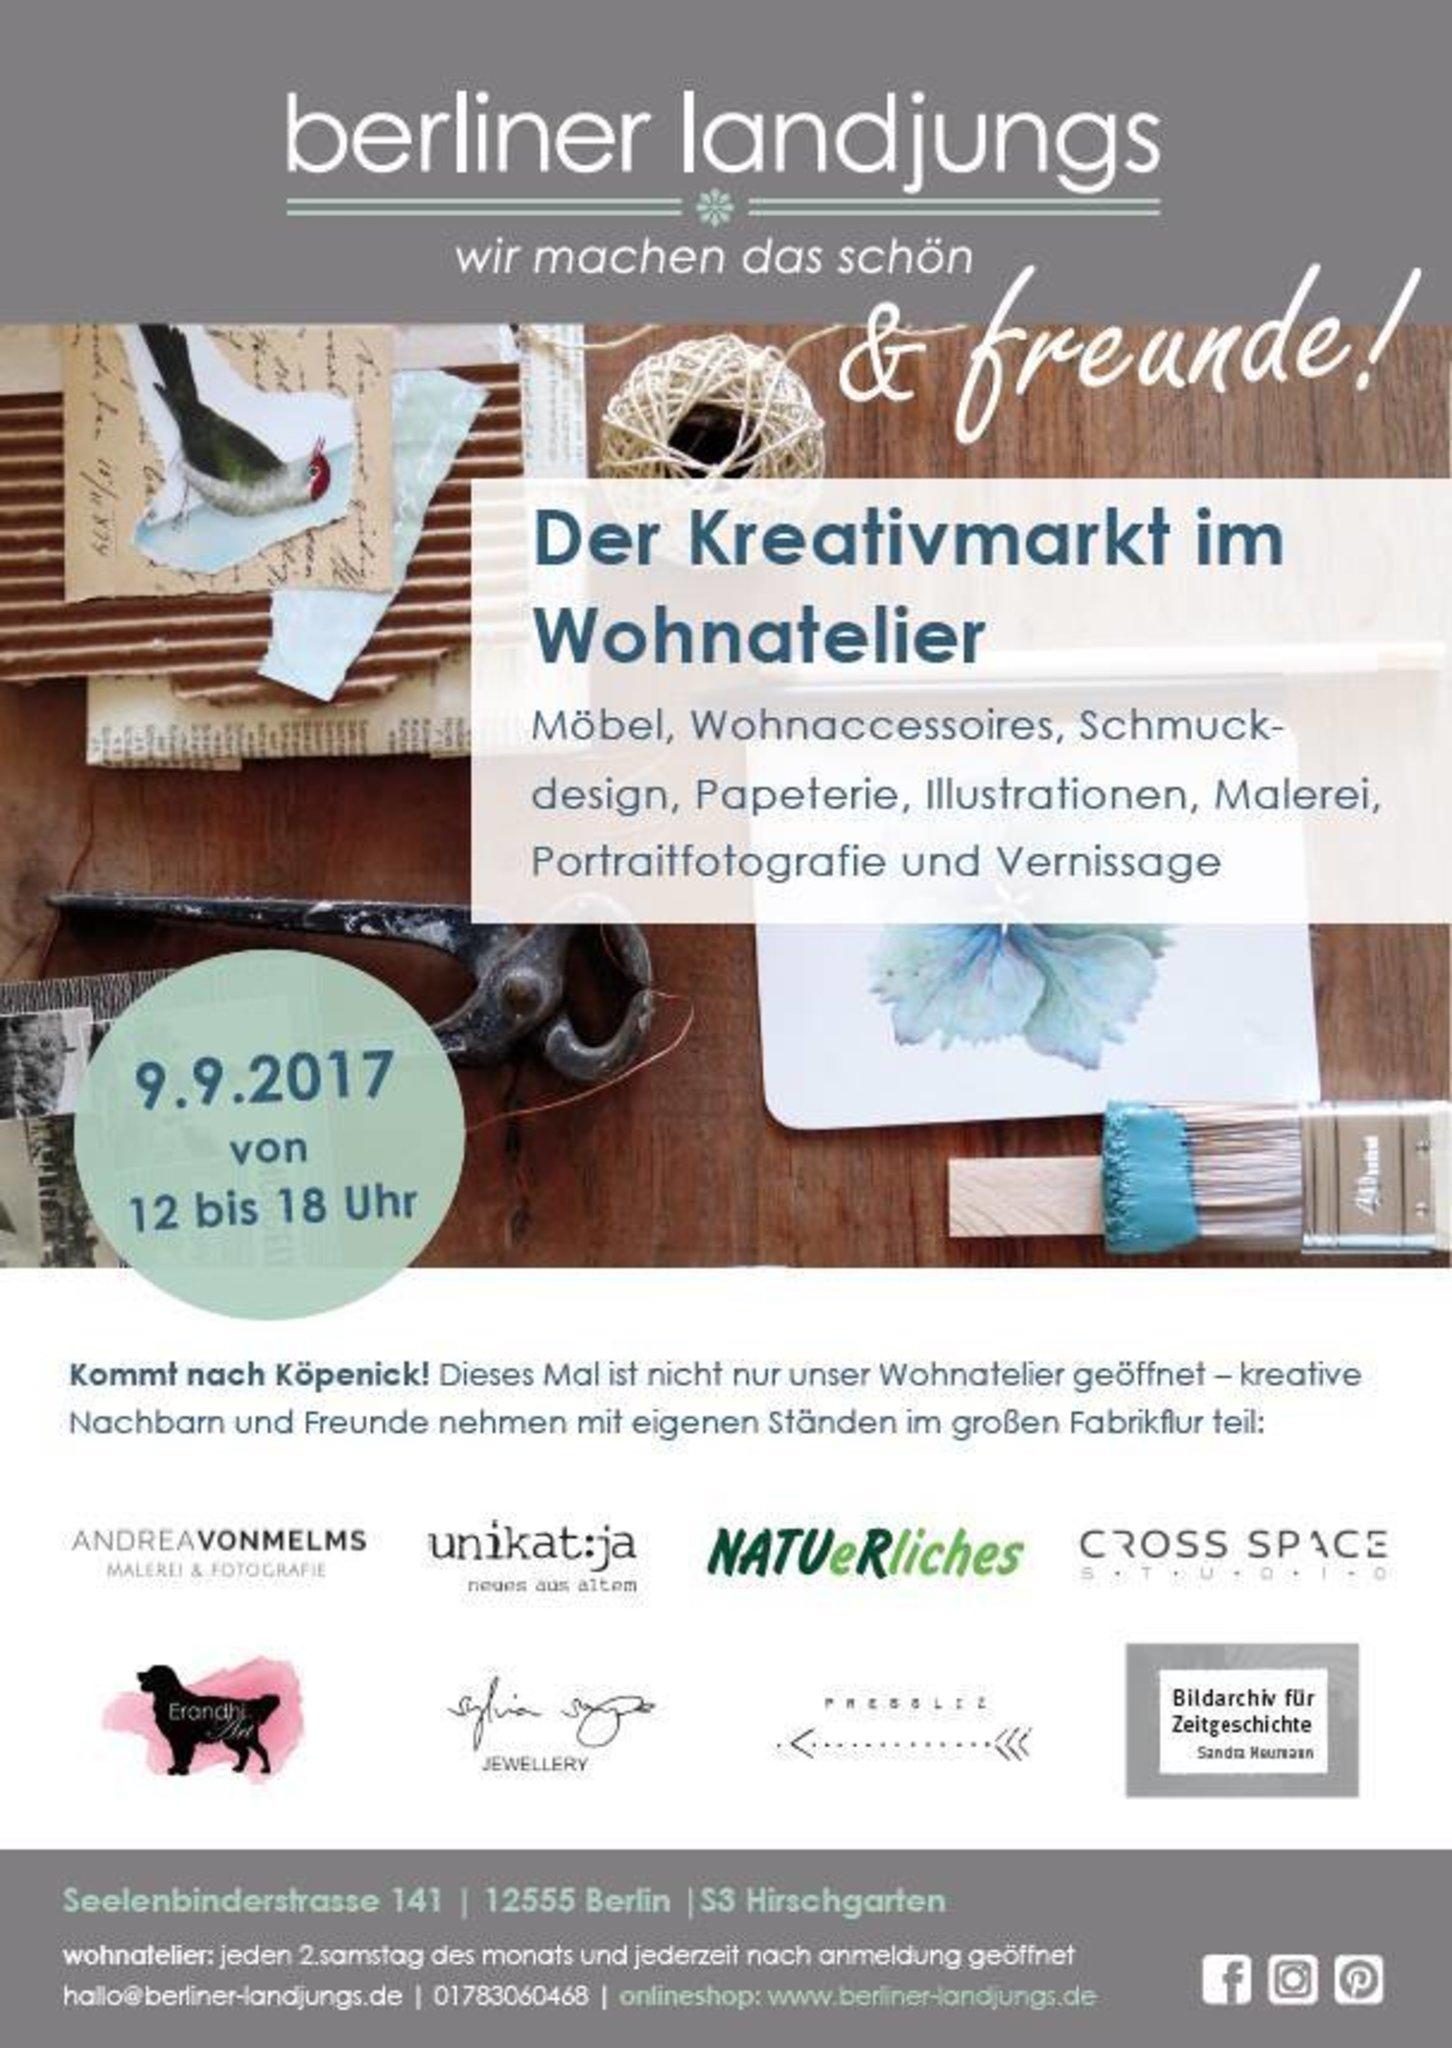 Berliner Landjungs Freunde Kleiner Kreativmarkt